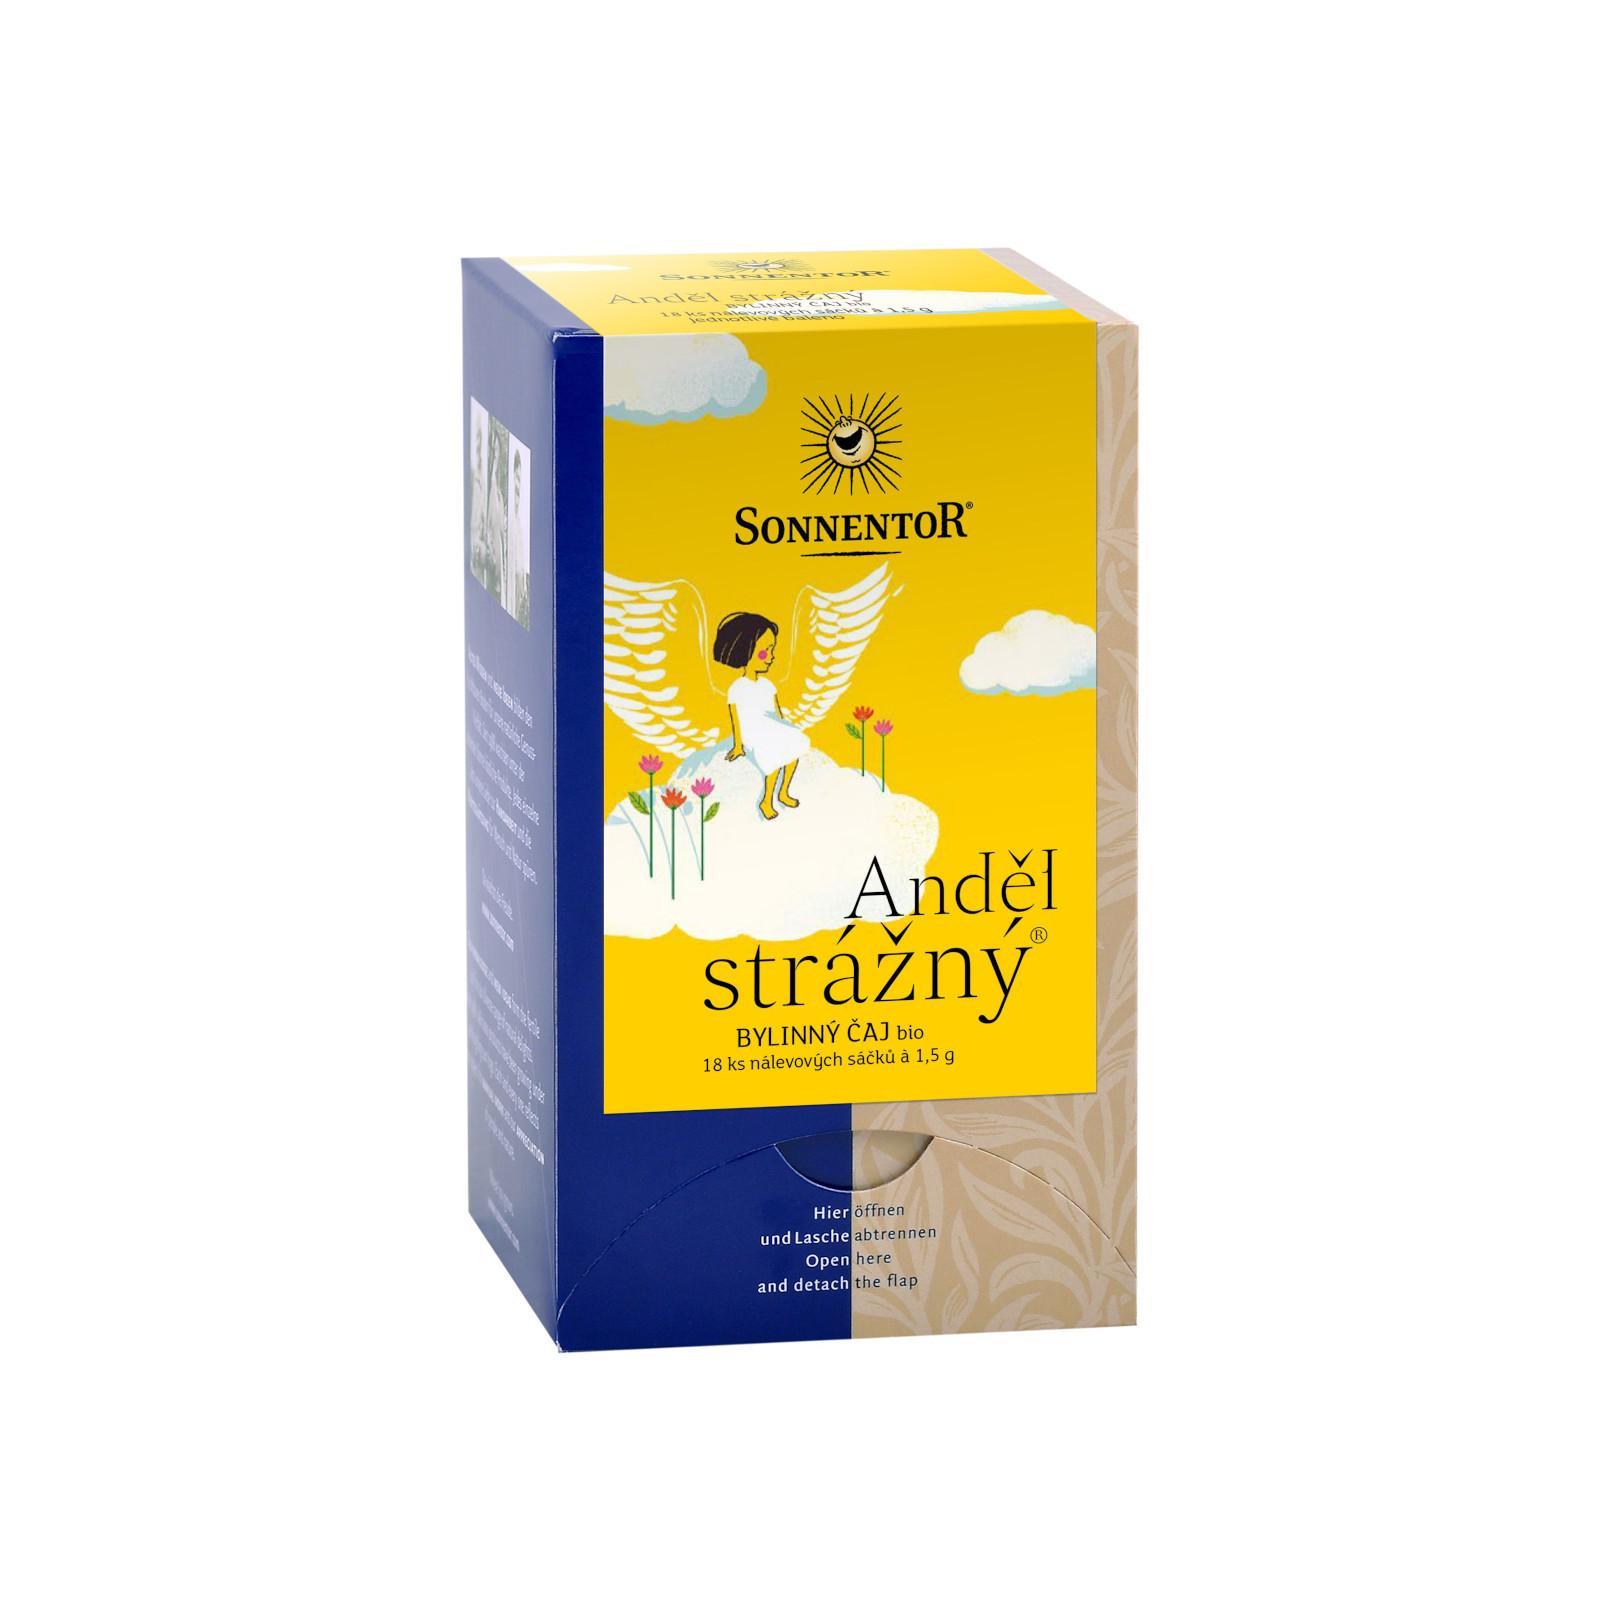 Sonnentor Anděl strážný, bylinný čaj bio 27 g, 18 sáčků